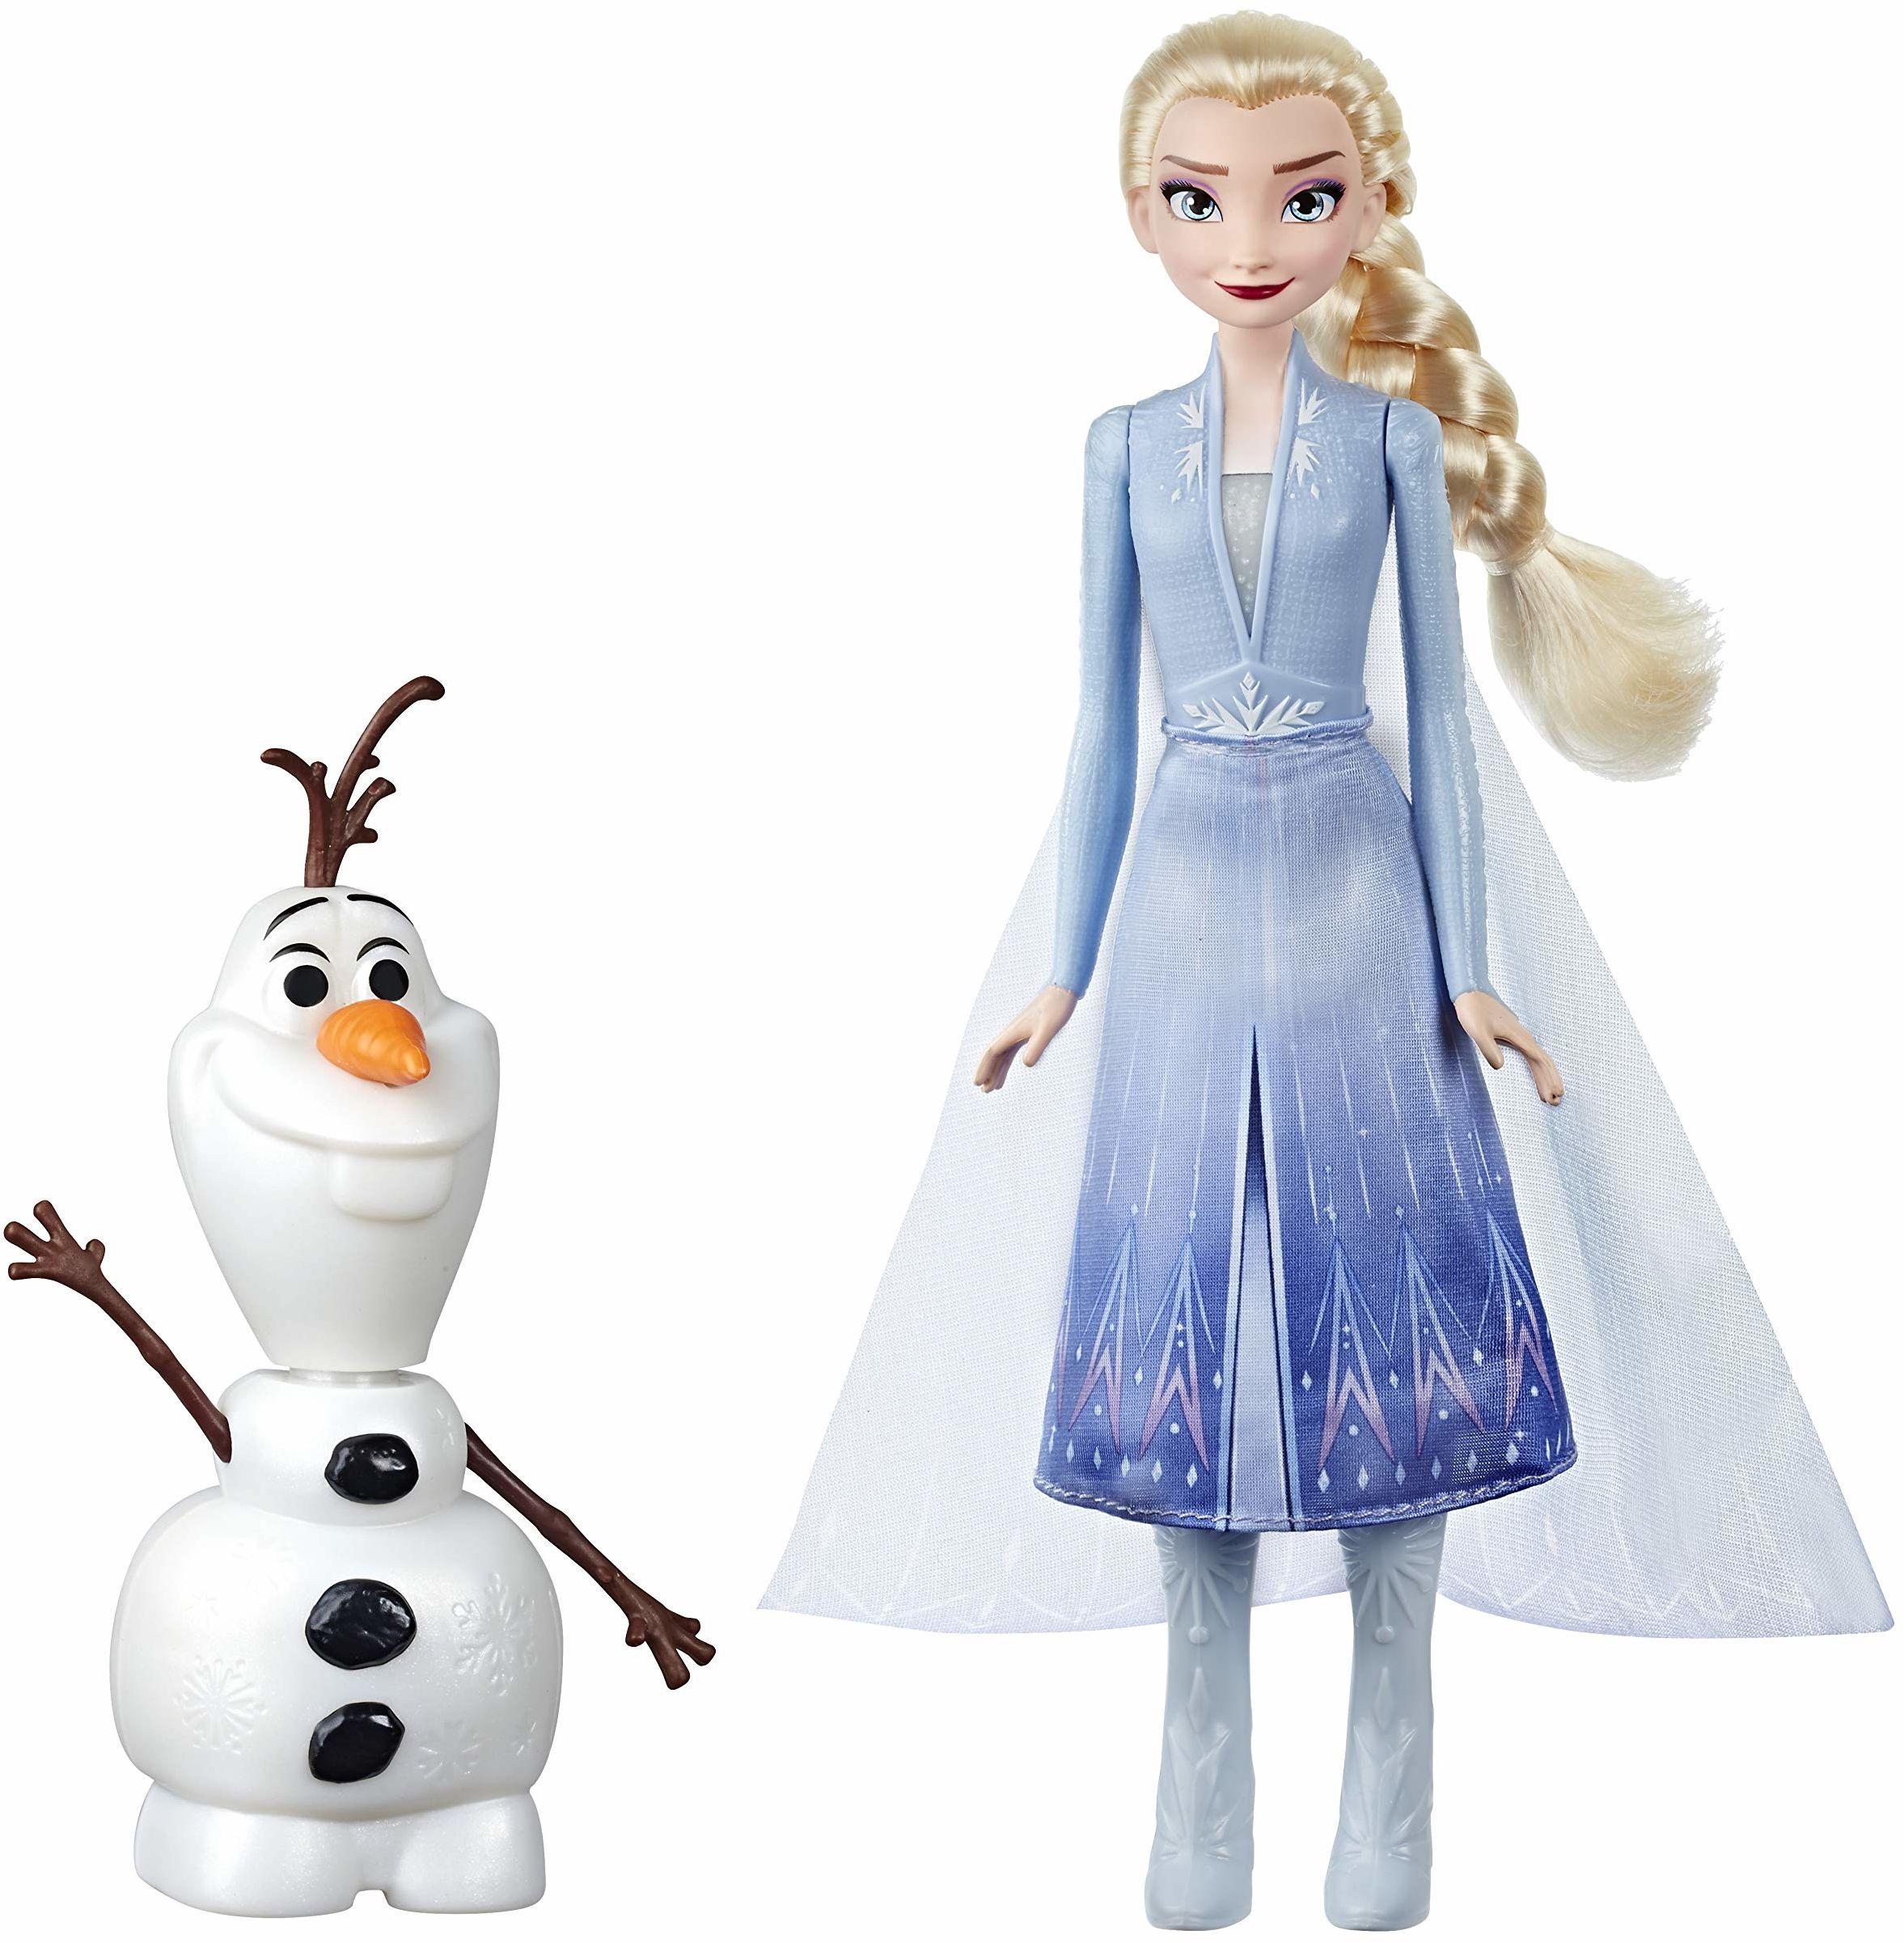 Disney Królowa lodu magiczna zabawa z Elsa & Olaf, dźwignia Elsas i Olaf porusza się, mówi i świeci się, inspirowana filmem Disney''a Królowa lodu 2  zabawka dla dzieci od 3 lat